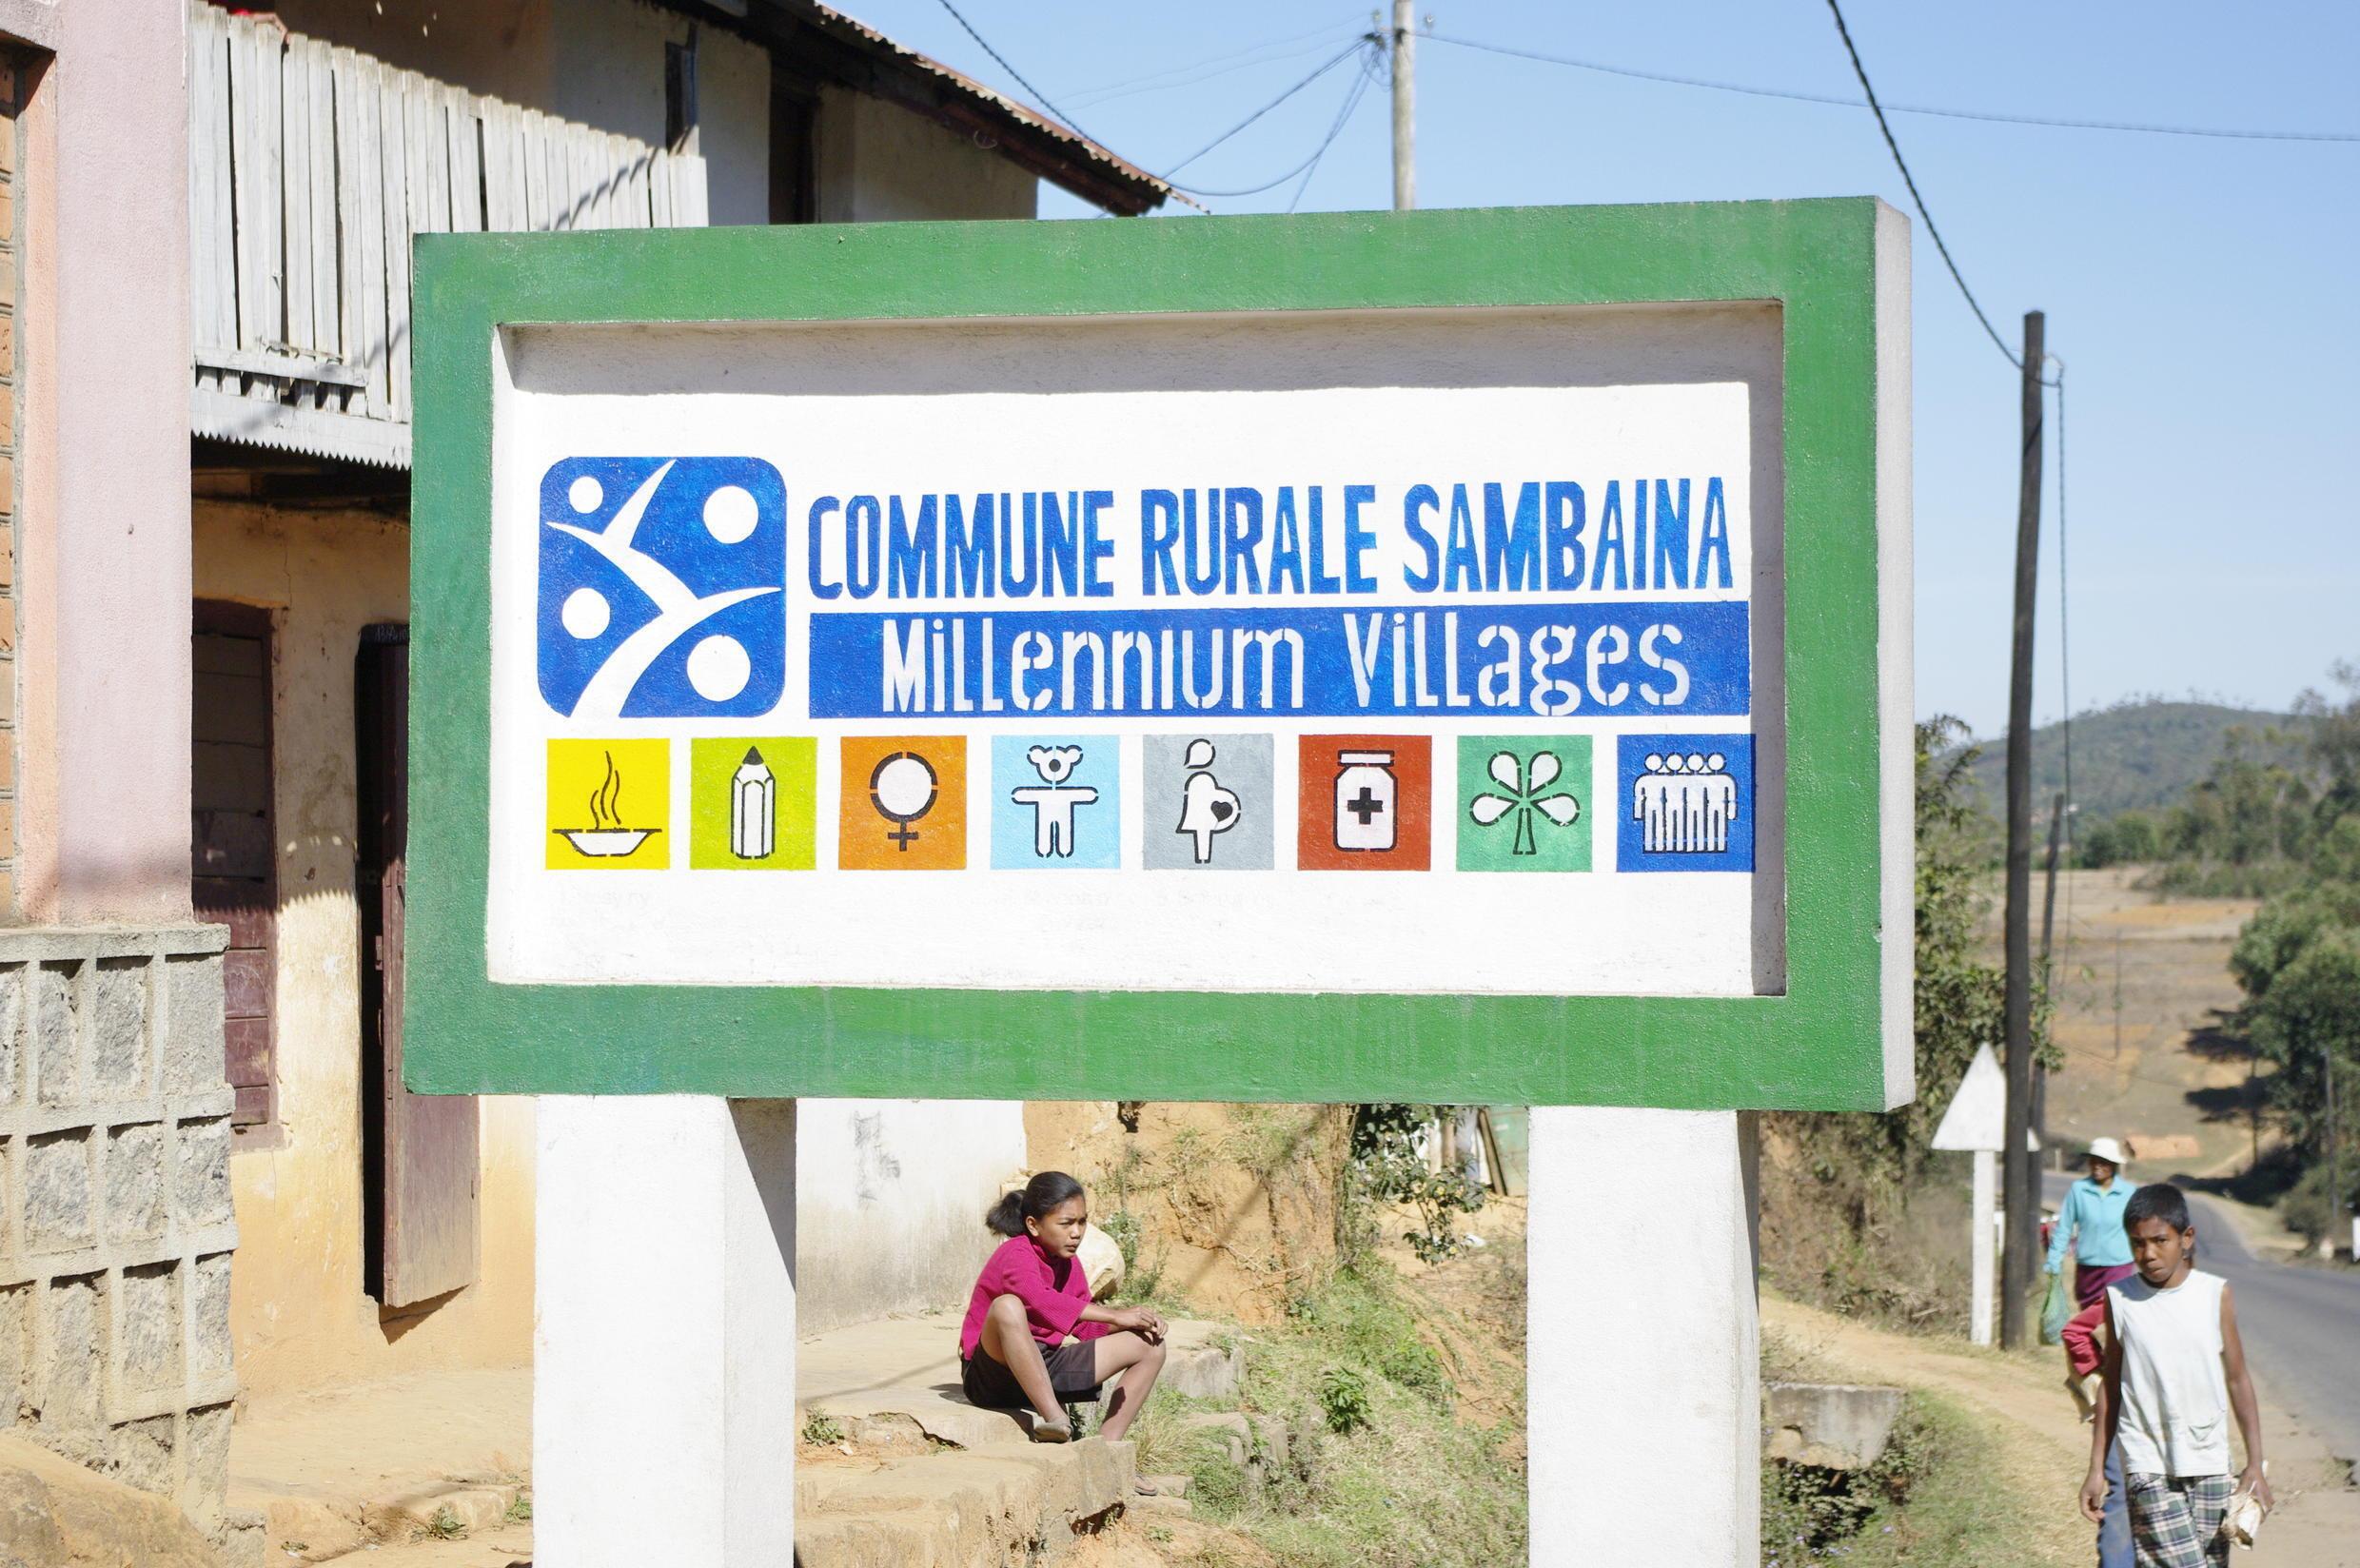 Millenium Village of Sambaina in Madagascar